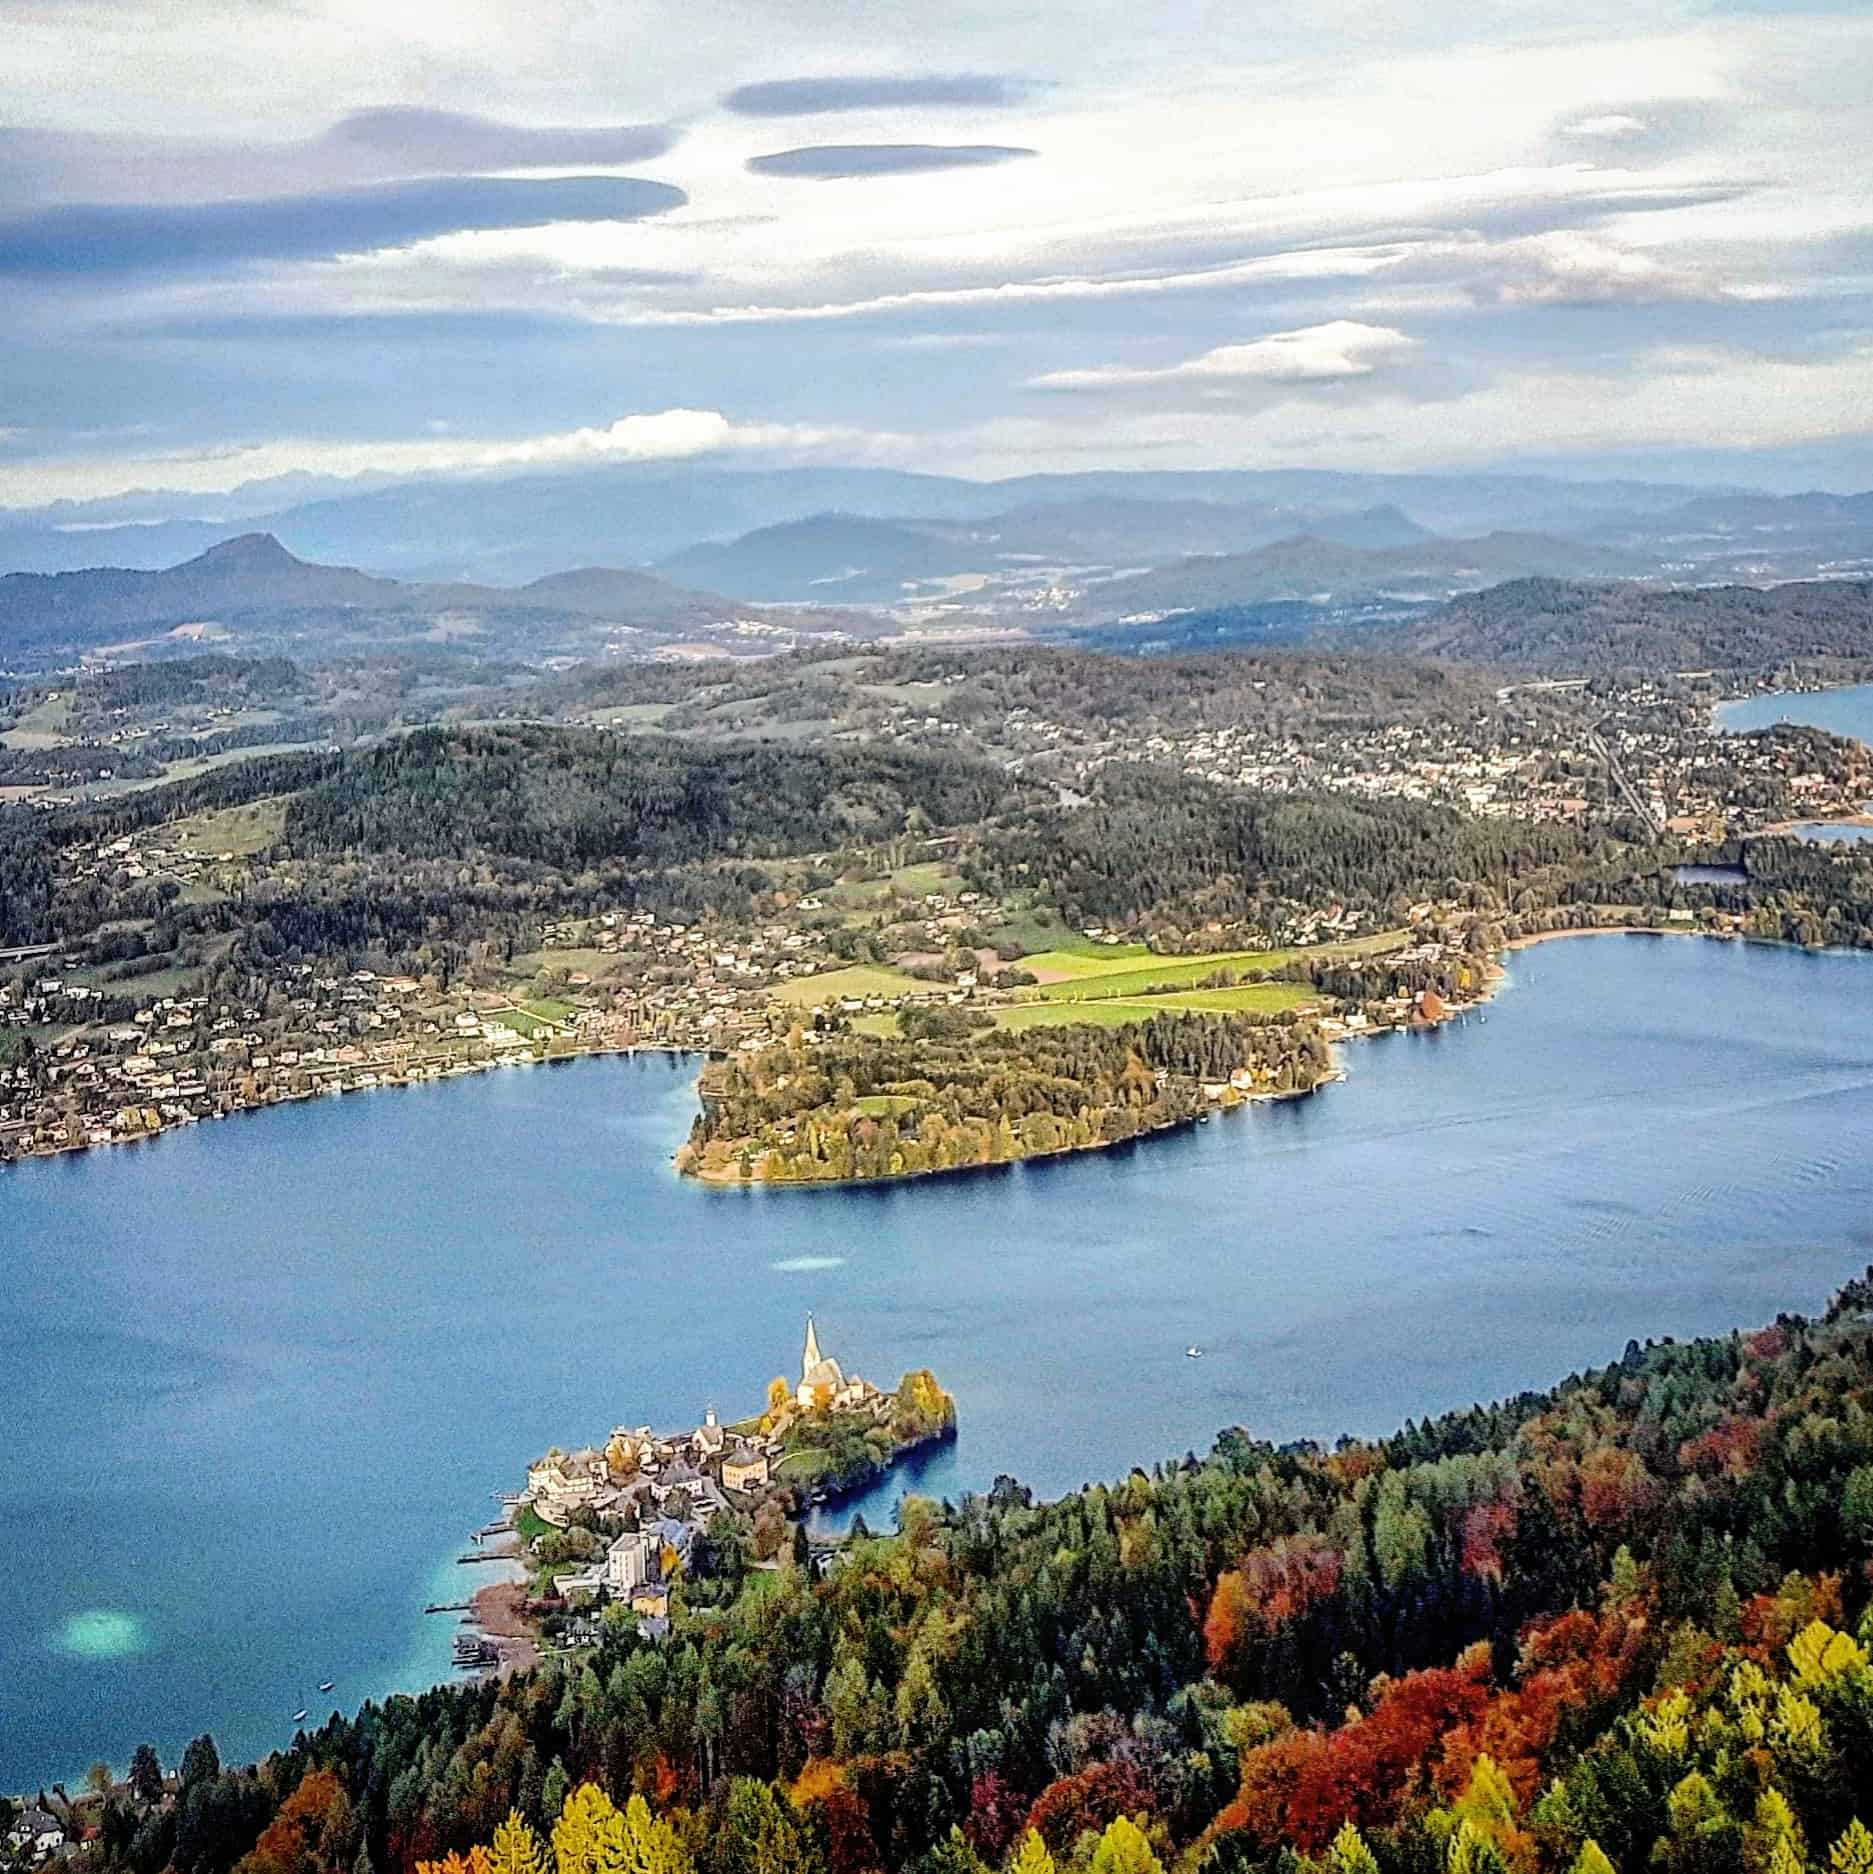 Ausblick auf Maria Wörth am Wörthersee vom schönen Ausflugsziel Pyramidenkogel - Sehenswürdigkeiten und Herbst in Kärnten.